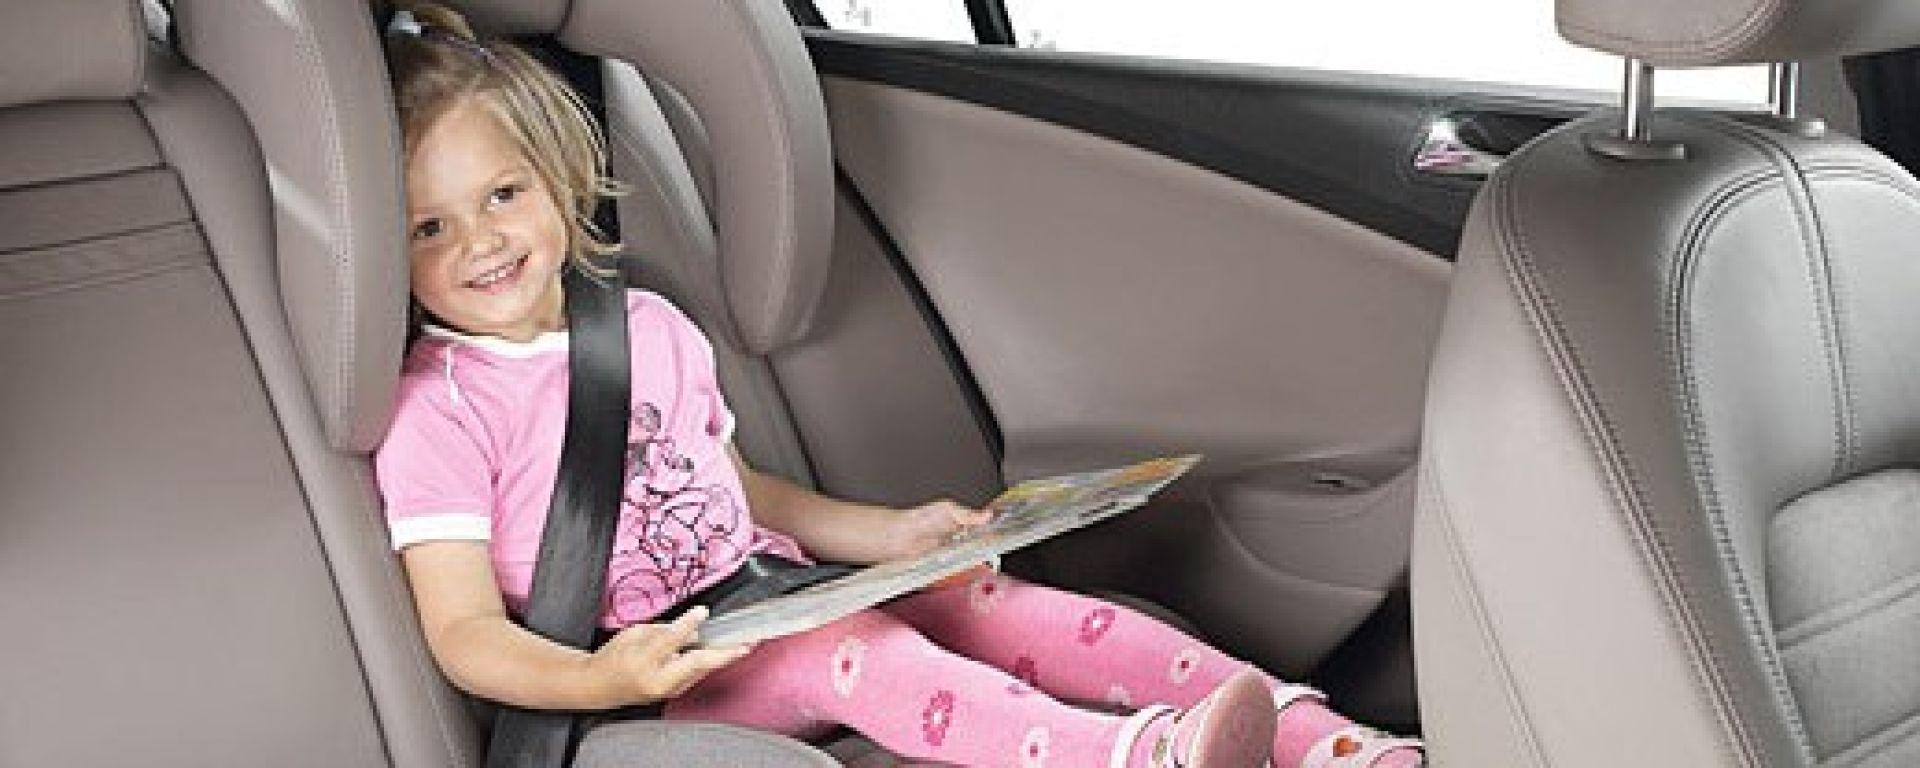 VOLKSWAGEN: massima protezione per i bambini